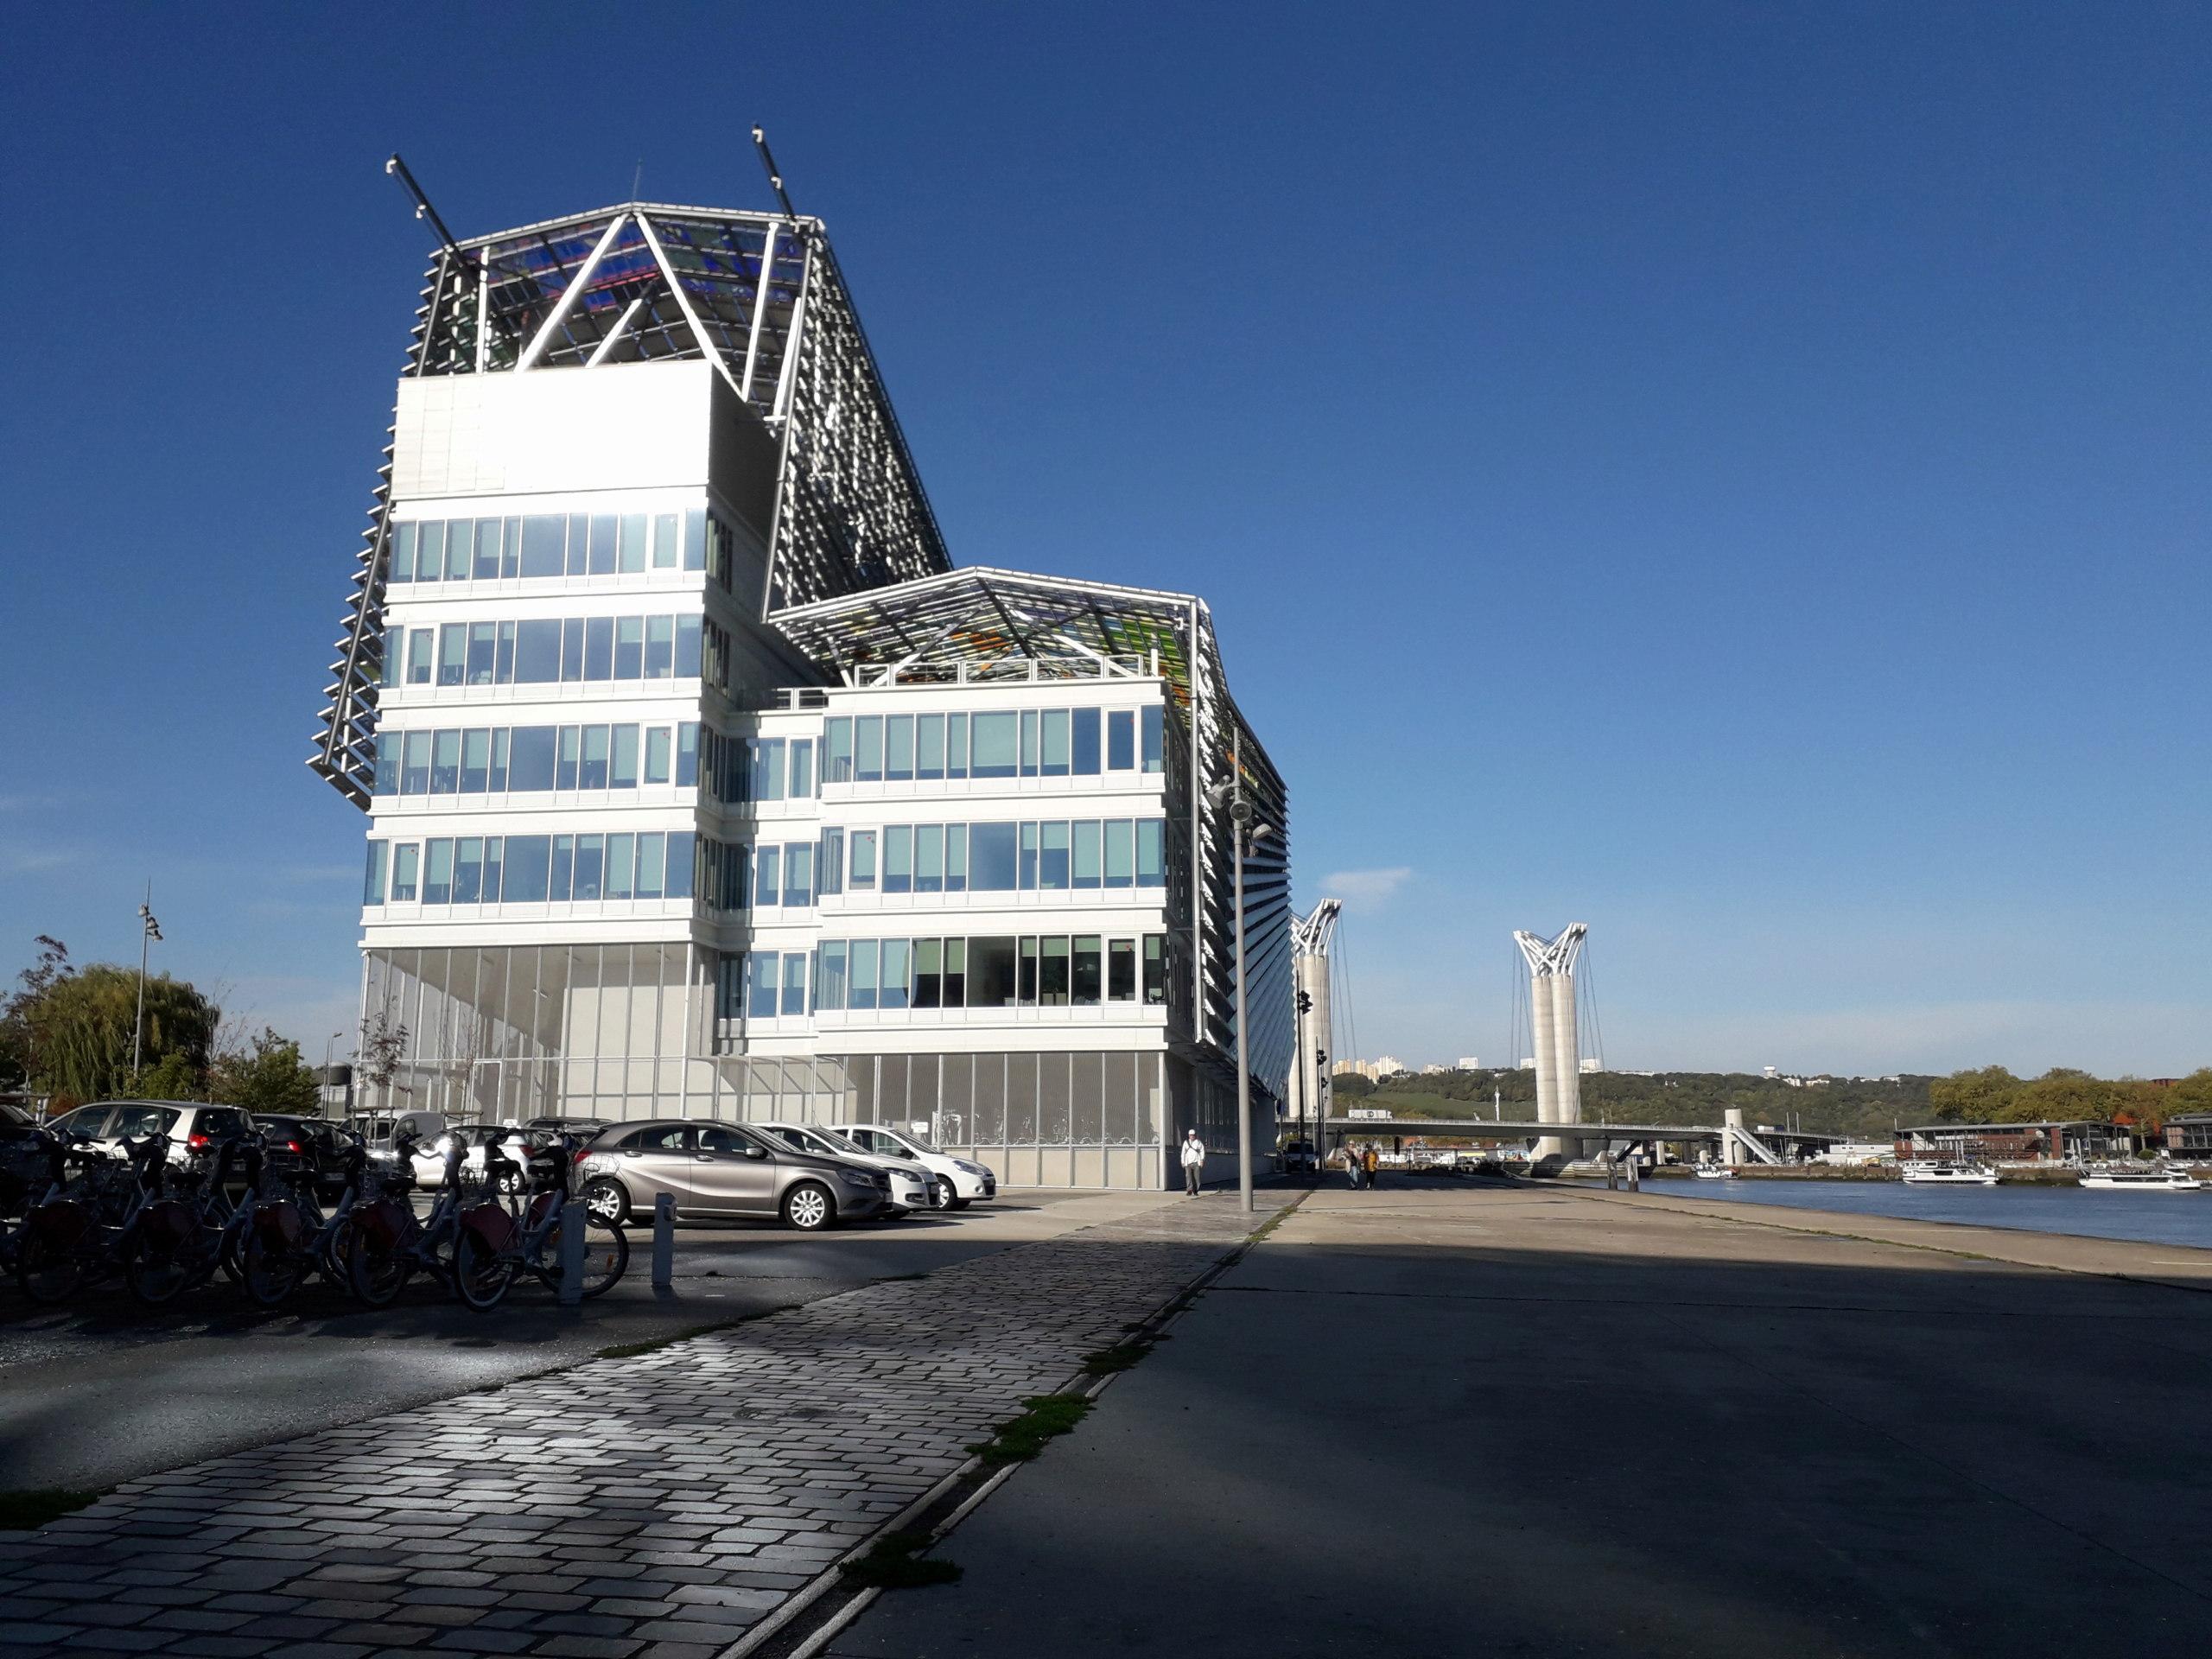 [Bientôt visible sur Google Earth] L'immeuble Metropole Rouen-Normandie - Rouen - Seine Maritime - France 20181013